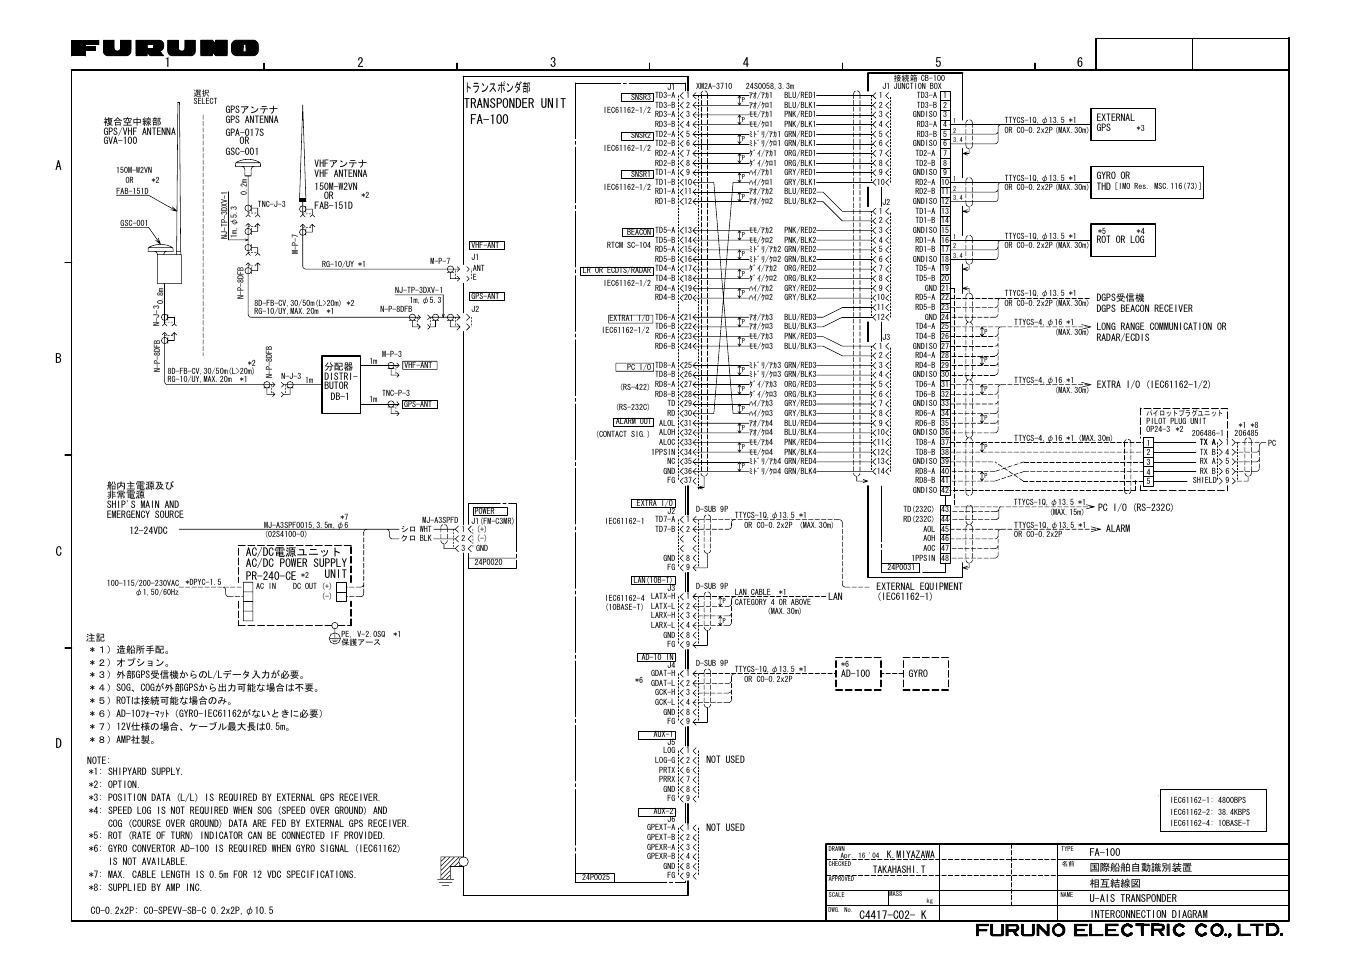 Furuno Gp 31 Wiring Diagram